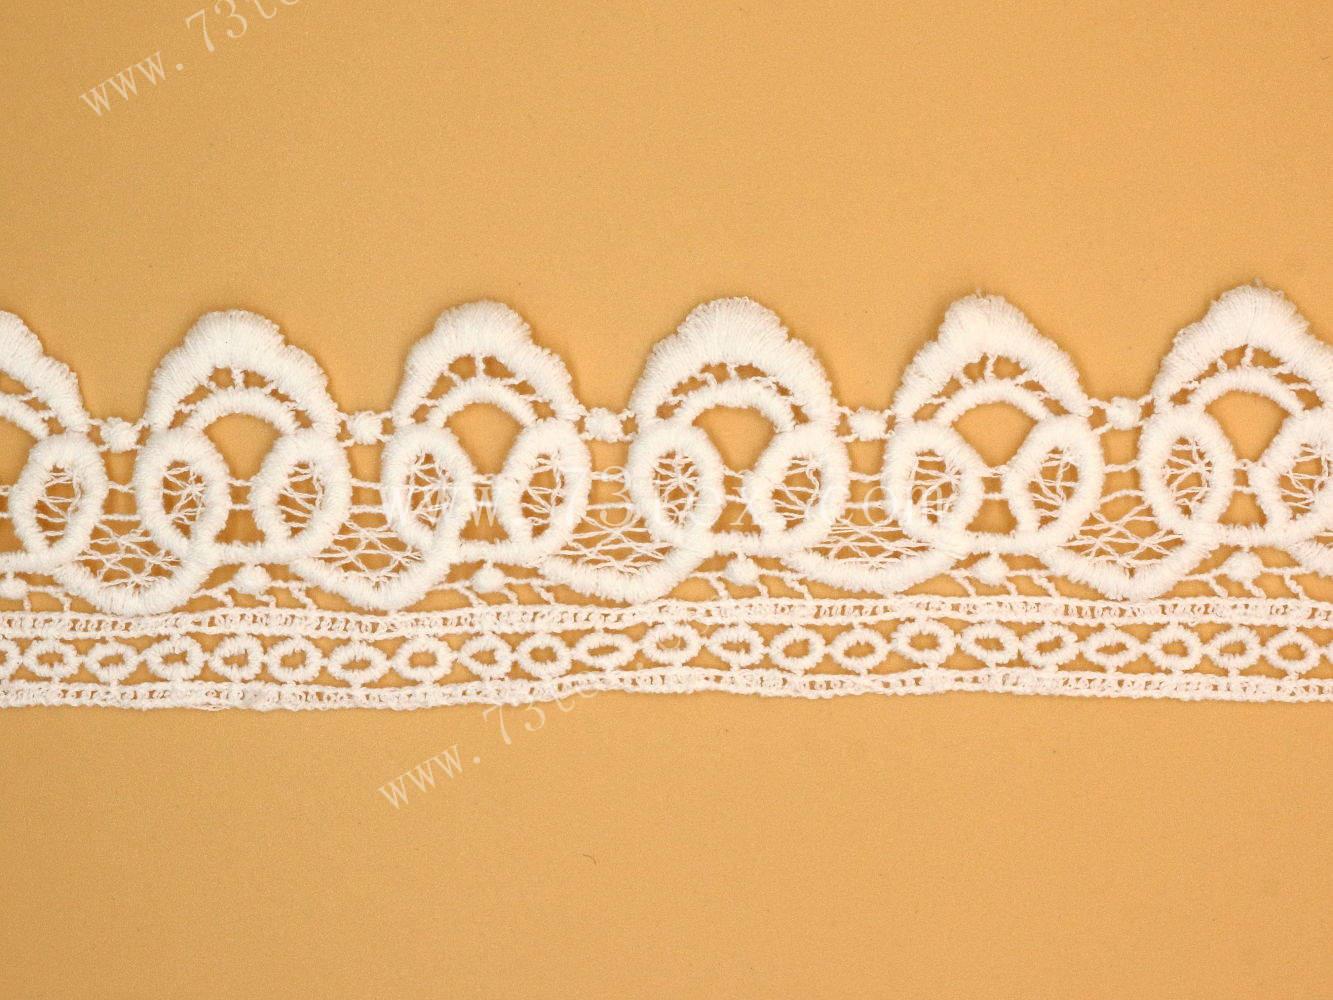 水溶花边是刺绣花边中的一大类,它以水溶性非织造布为底布,用粘胶长丝作绣花线,通过电脑平极刺绣机绣在底布上,再经热水处理使水溶性非织造底布溶化,留下有立体感的花边。机绣花边的花型繁多,绣制精巧美观,均匀整齐划一、形象逼真、富于艺术感和立体感。 运用水溶花边设计的内衣,特别受到女性们的喜爱。这种水溶花边内衣展现出一种独特的设计风格,穿戴上身时会有一种飘飘然的感觉,与别的花边设计来比,显得更加的舒适和贴心。   水溶花边对颜色的牢靠度也比较高,经过多次的清洗,花边上的颜色也不会褪色,还是保持购买时那么艳丽。